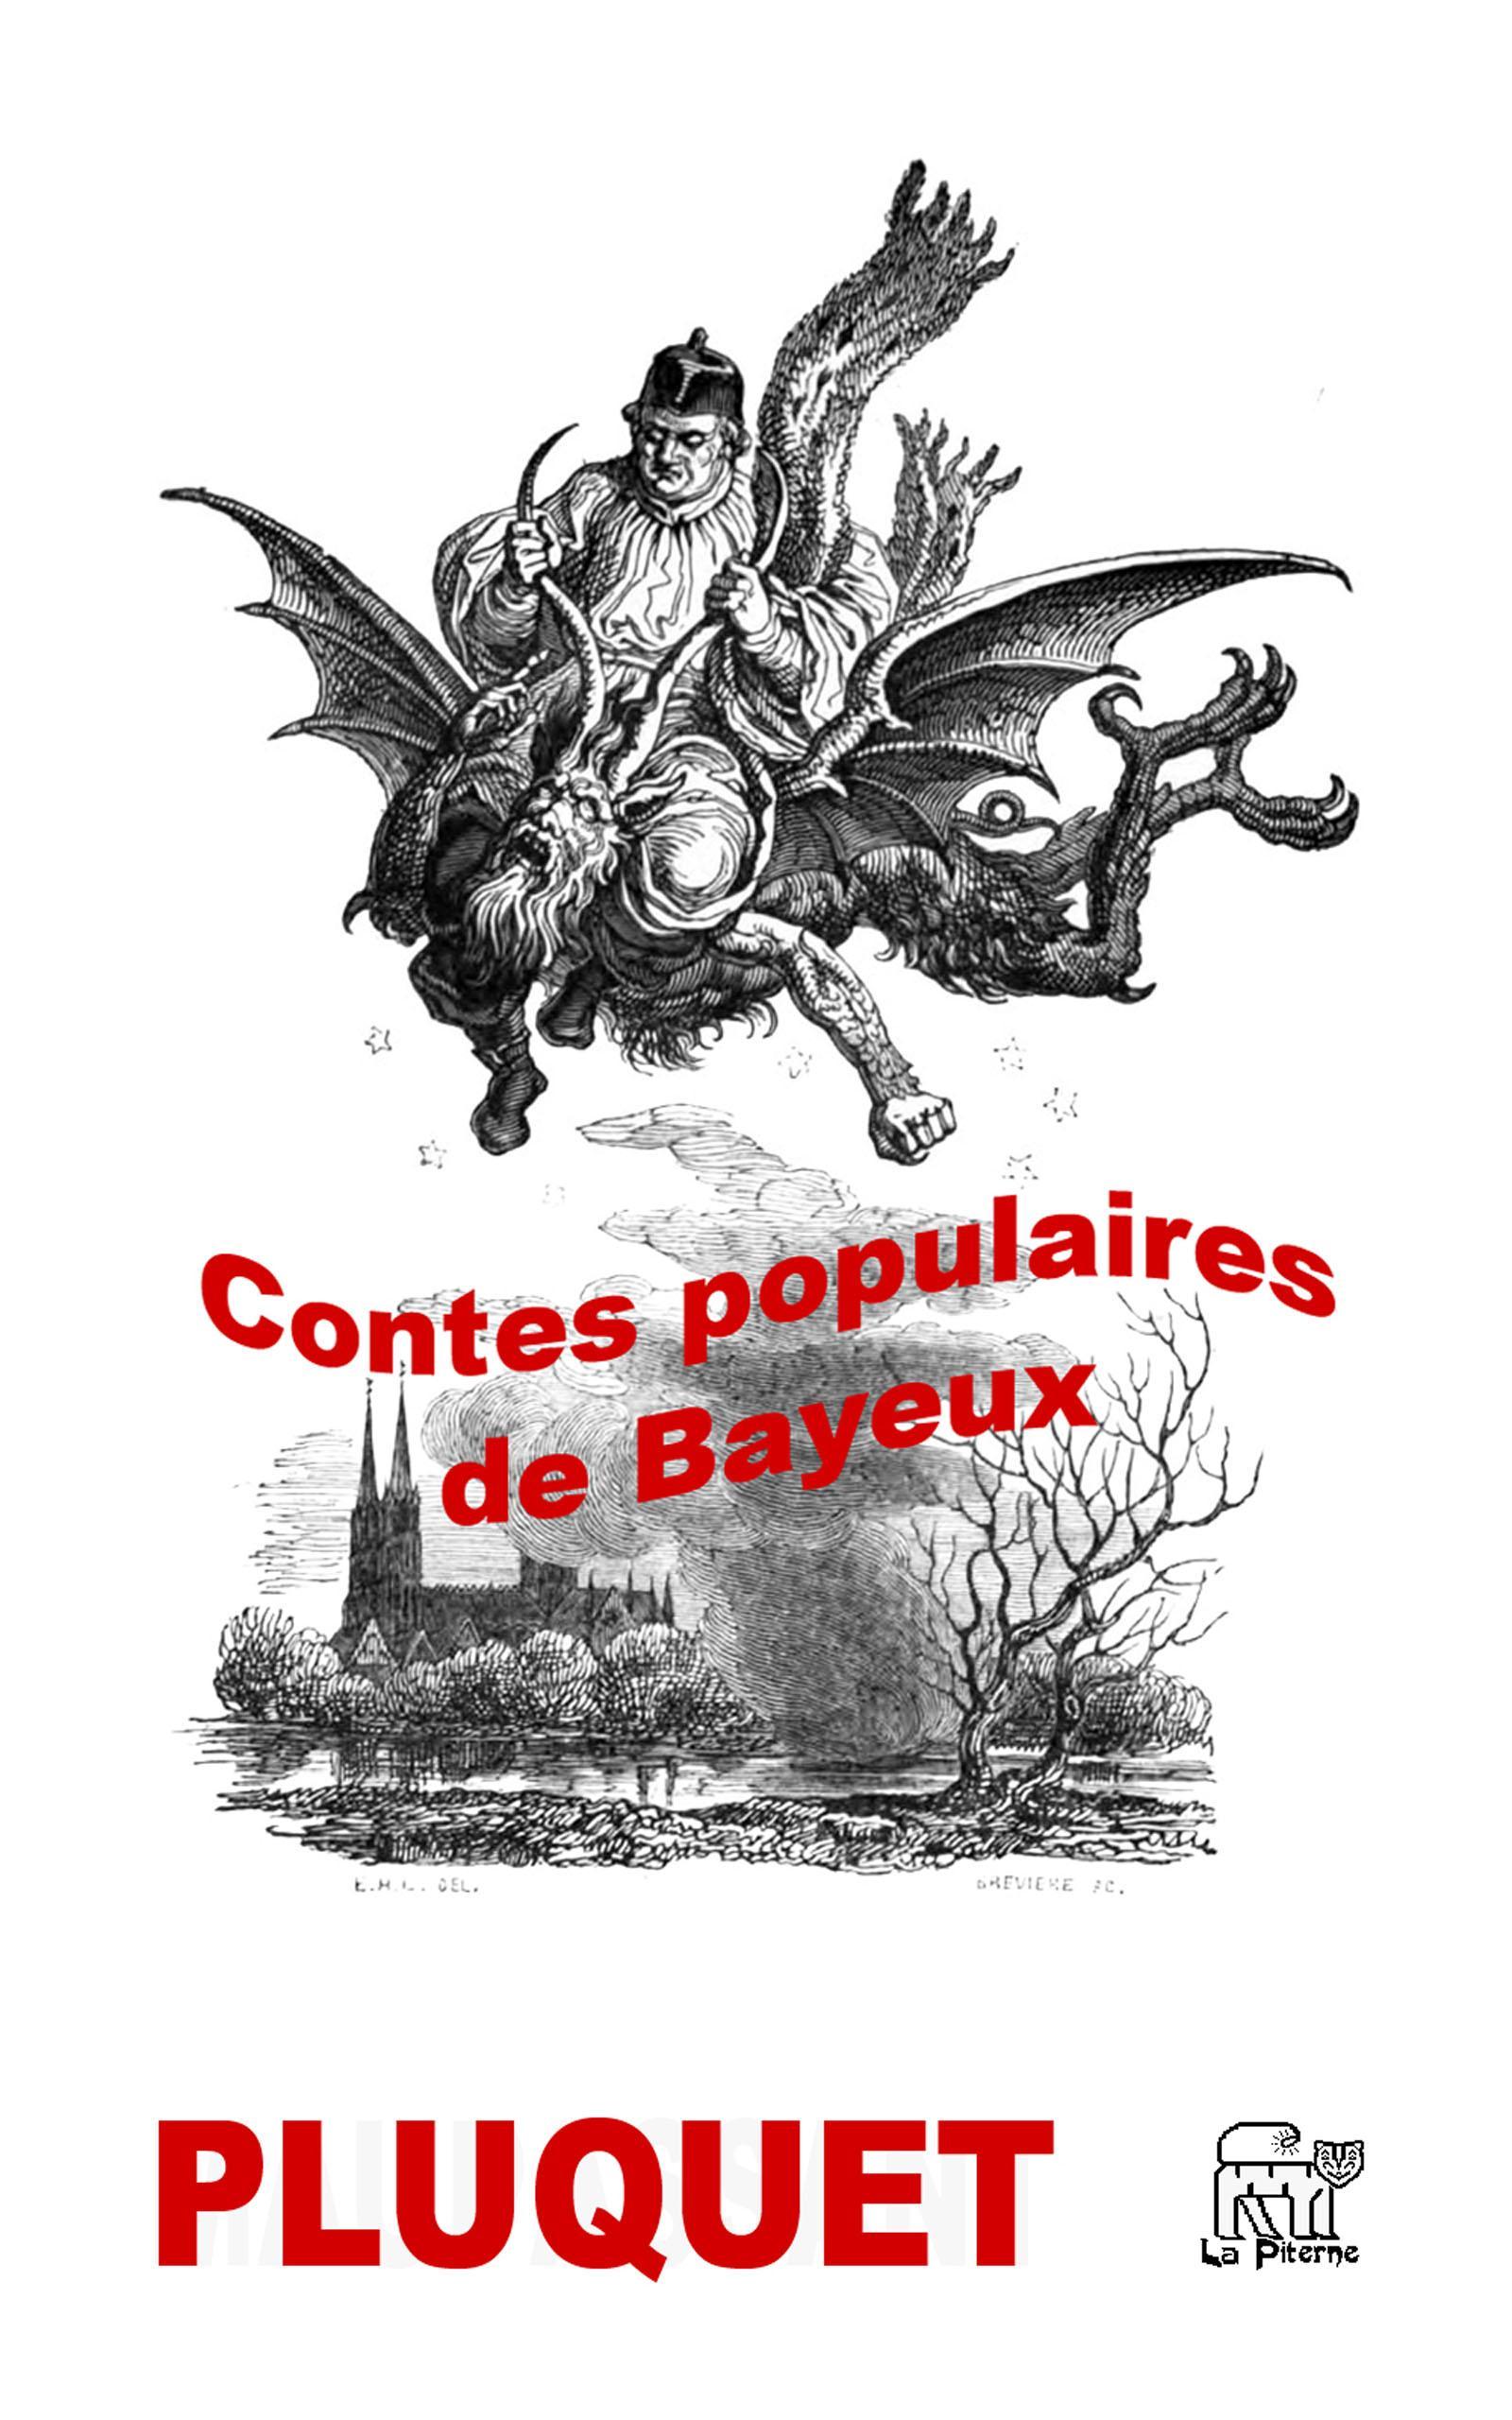 Contes populaires de l'arrondissement de Bayeux, PRÉJUGÉS, PATOIS, PROVERBES, NOMS DE LIEUX